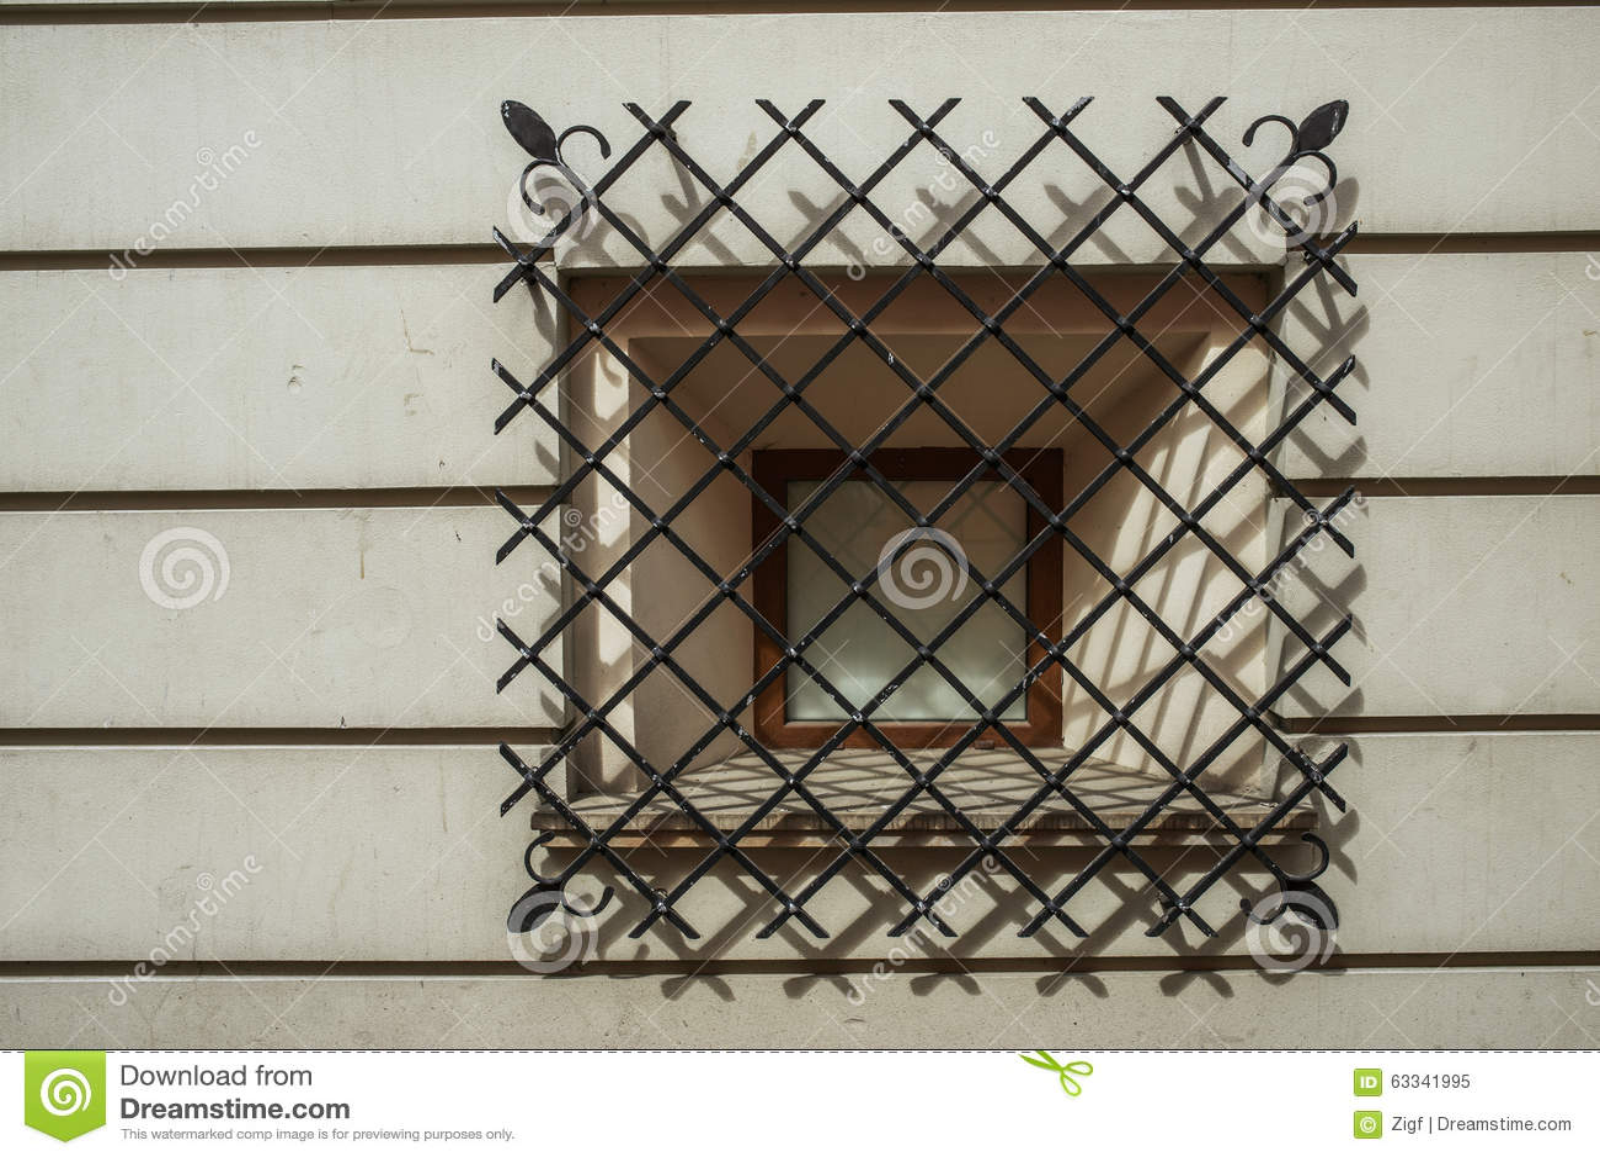 Fenster mit Schmiedeeisenstangen